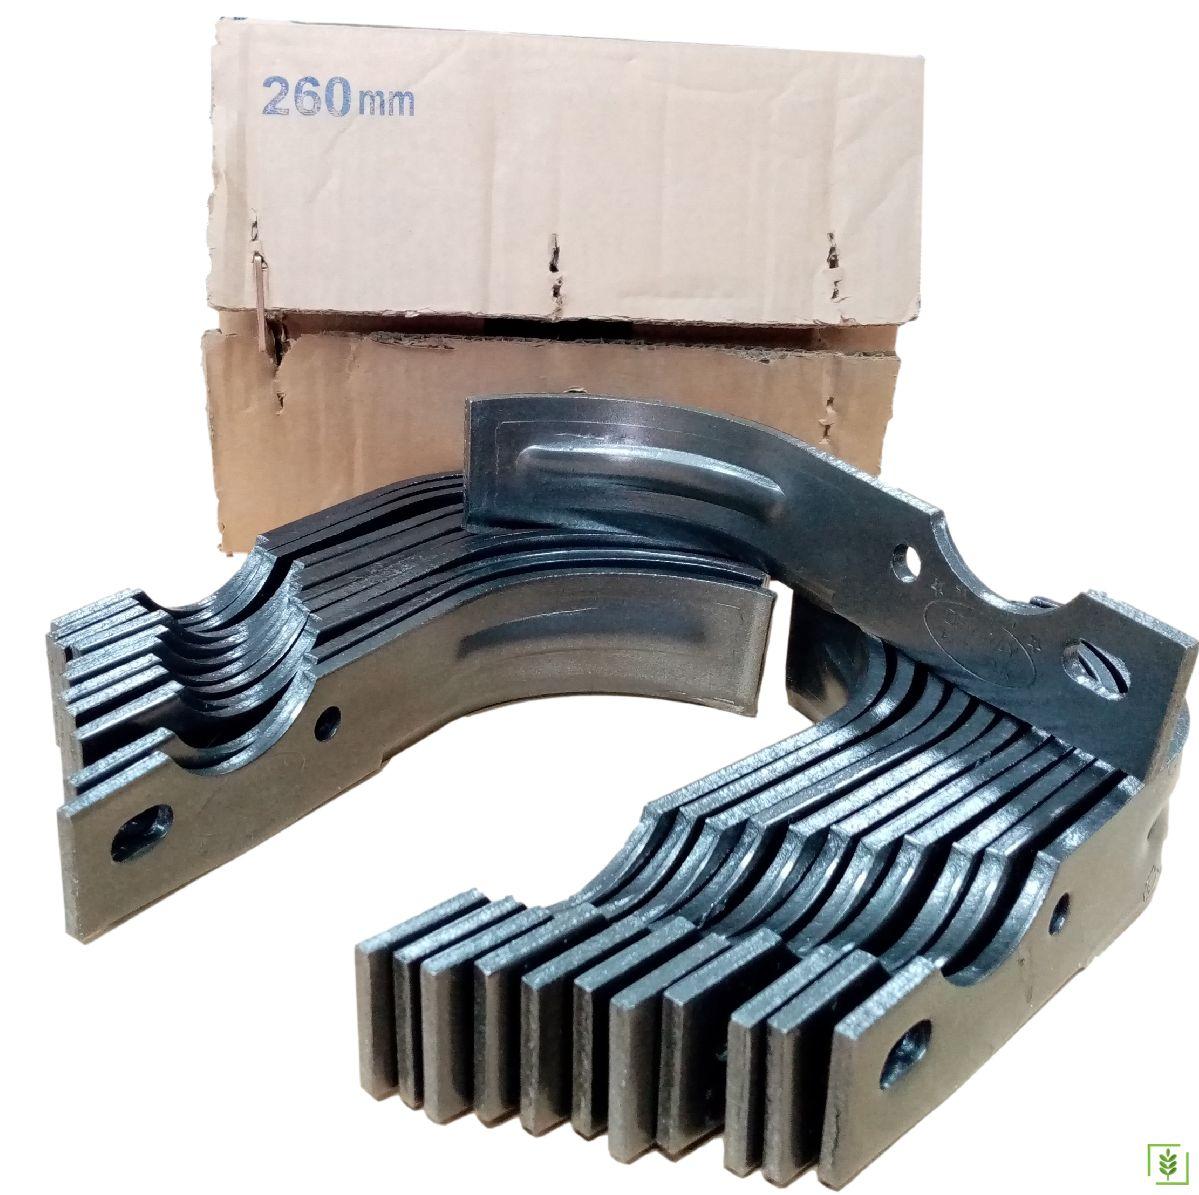 Dizel Modeller Federli Süper Çelik Çapa Bıçağı  24 Adet 26 cm